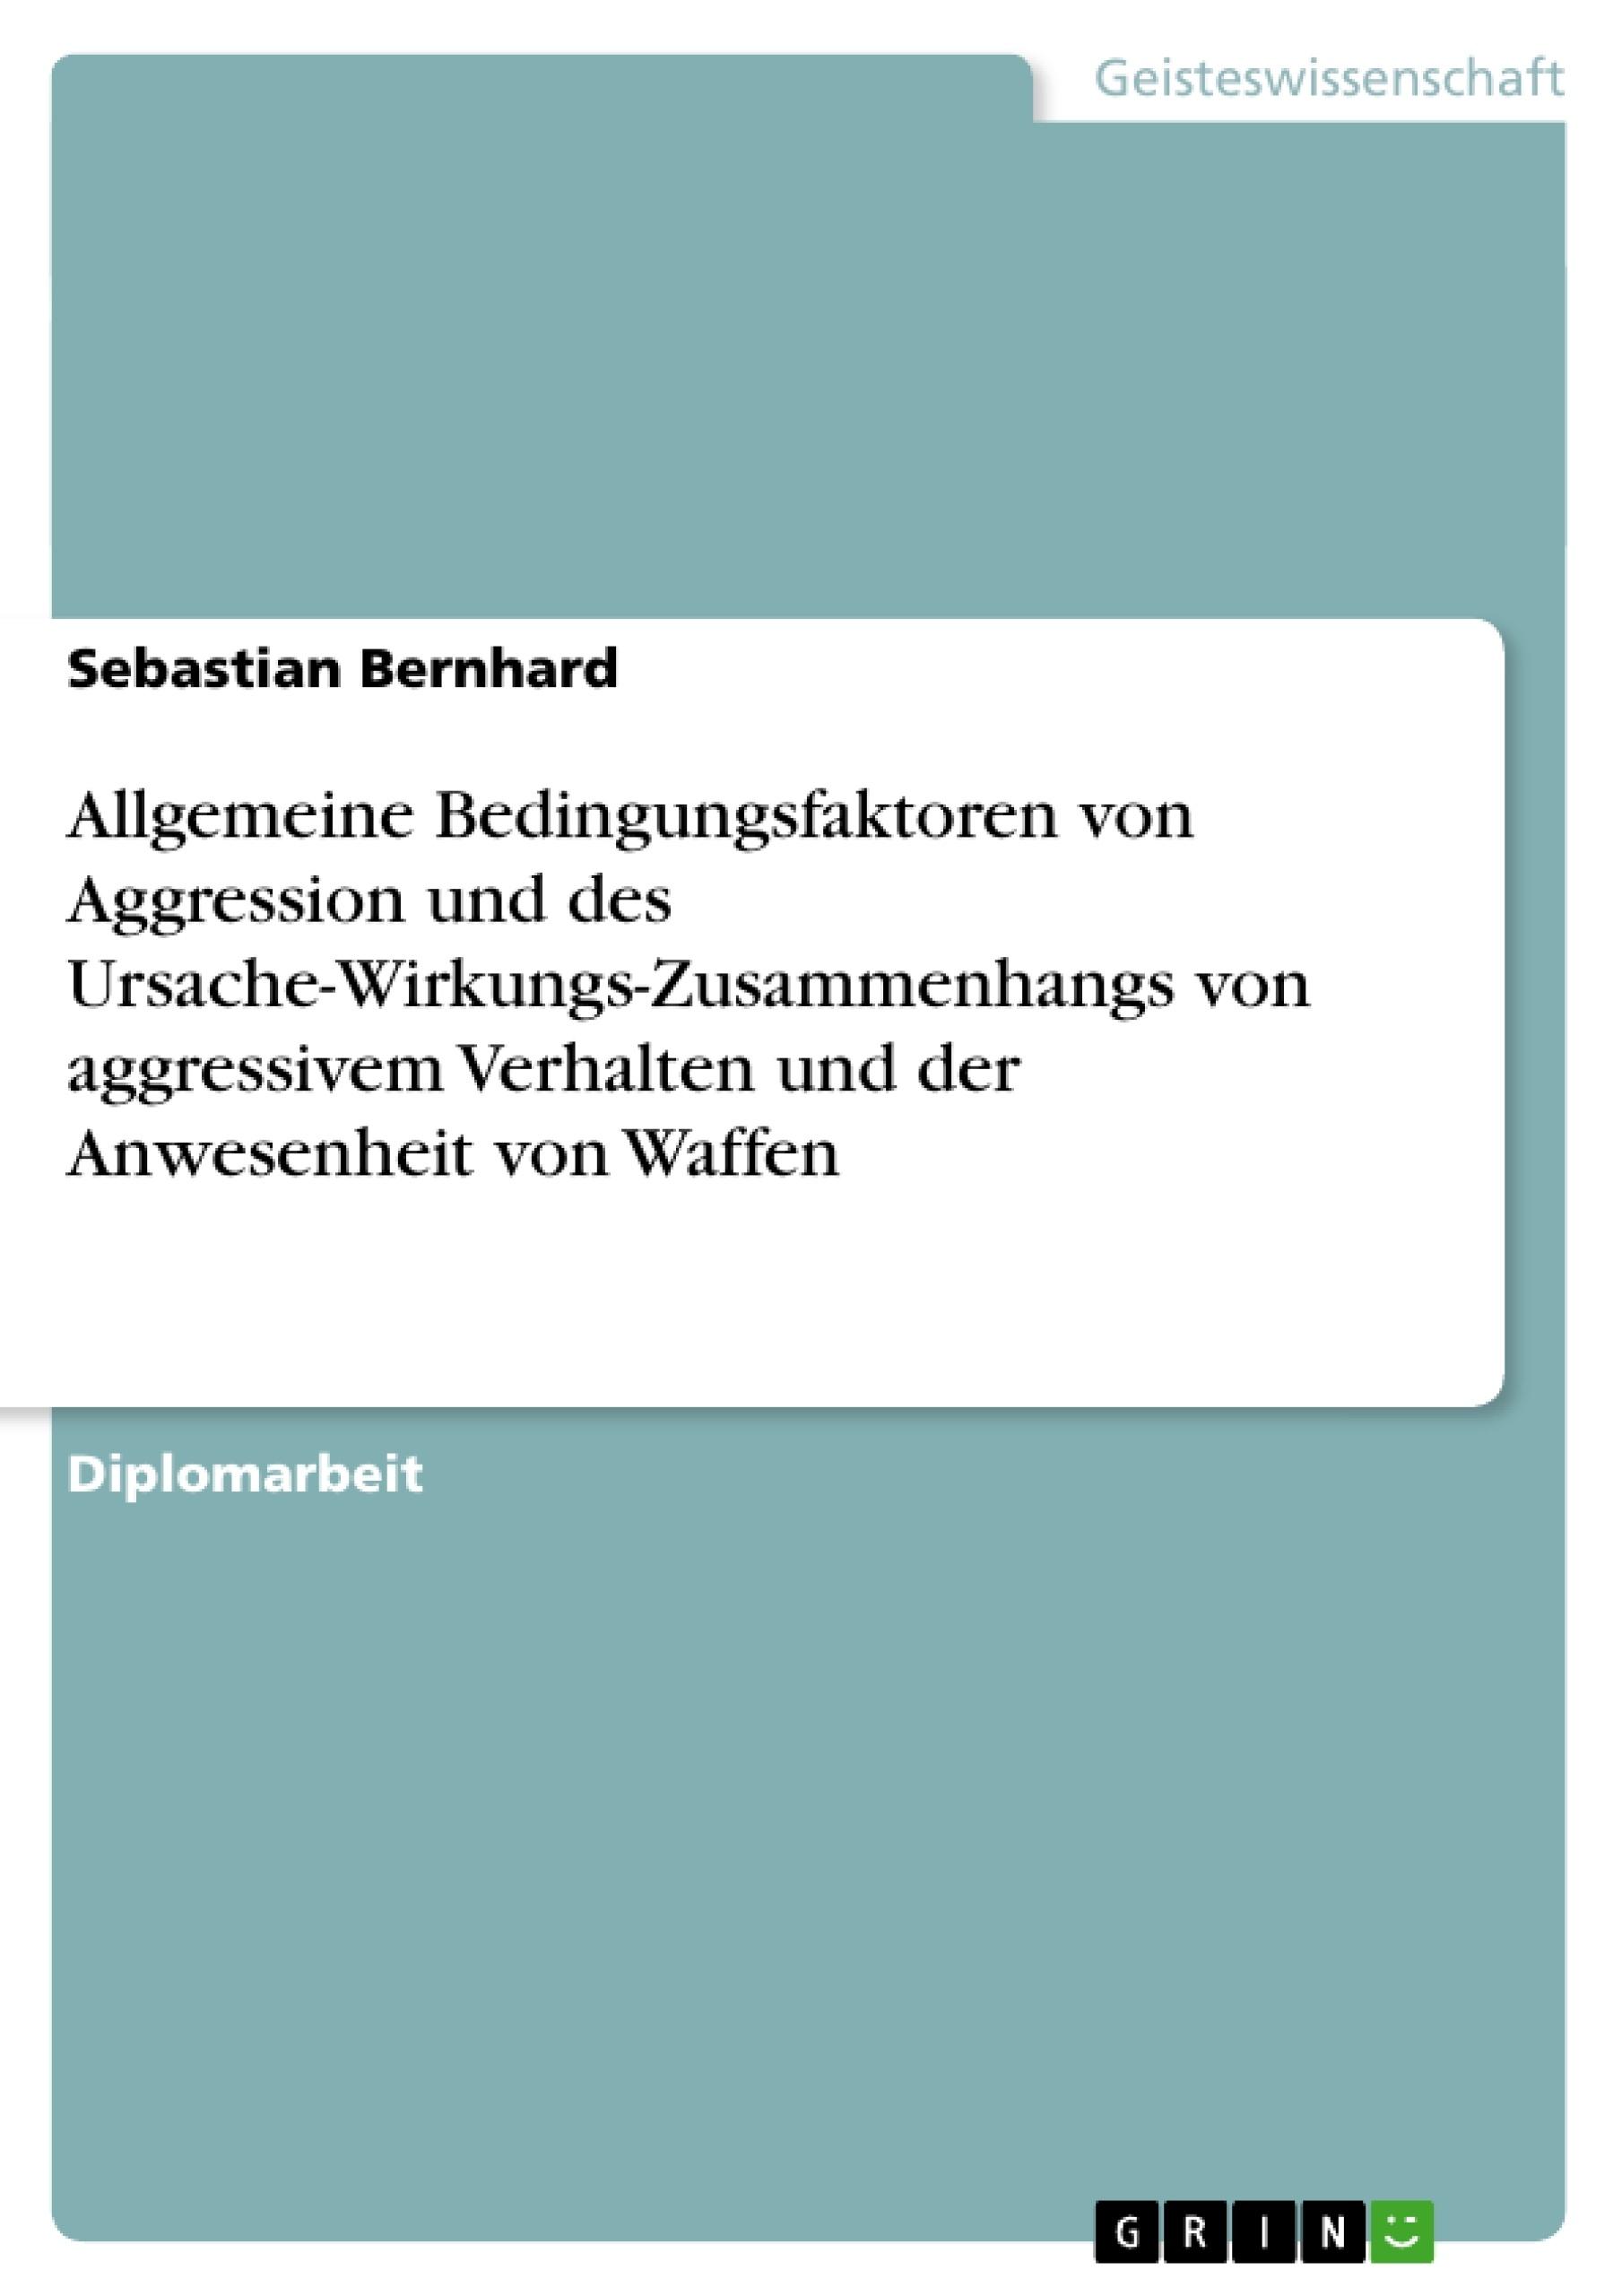 Titel: Allgemeine Bedingungsfaktoren von Aggression und  des Ursache-Wirkungs-Zusammenhangs von aggressivem Verhalten und der Anwesenheit von Waffen